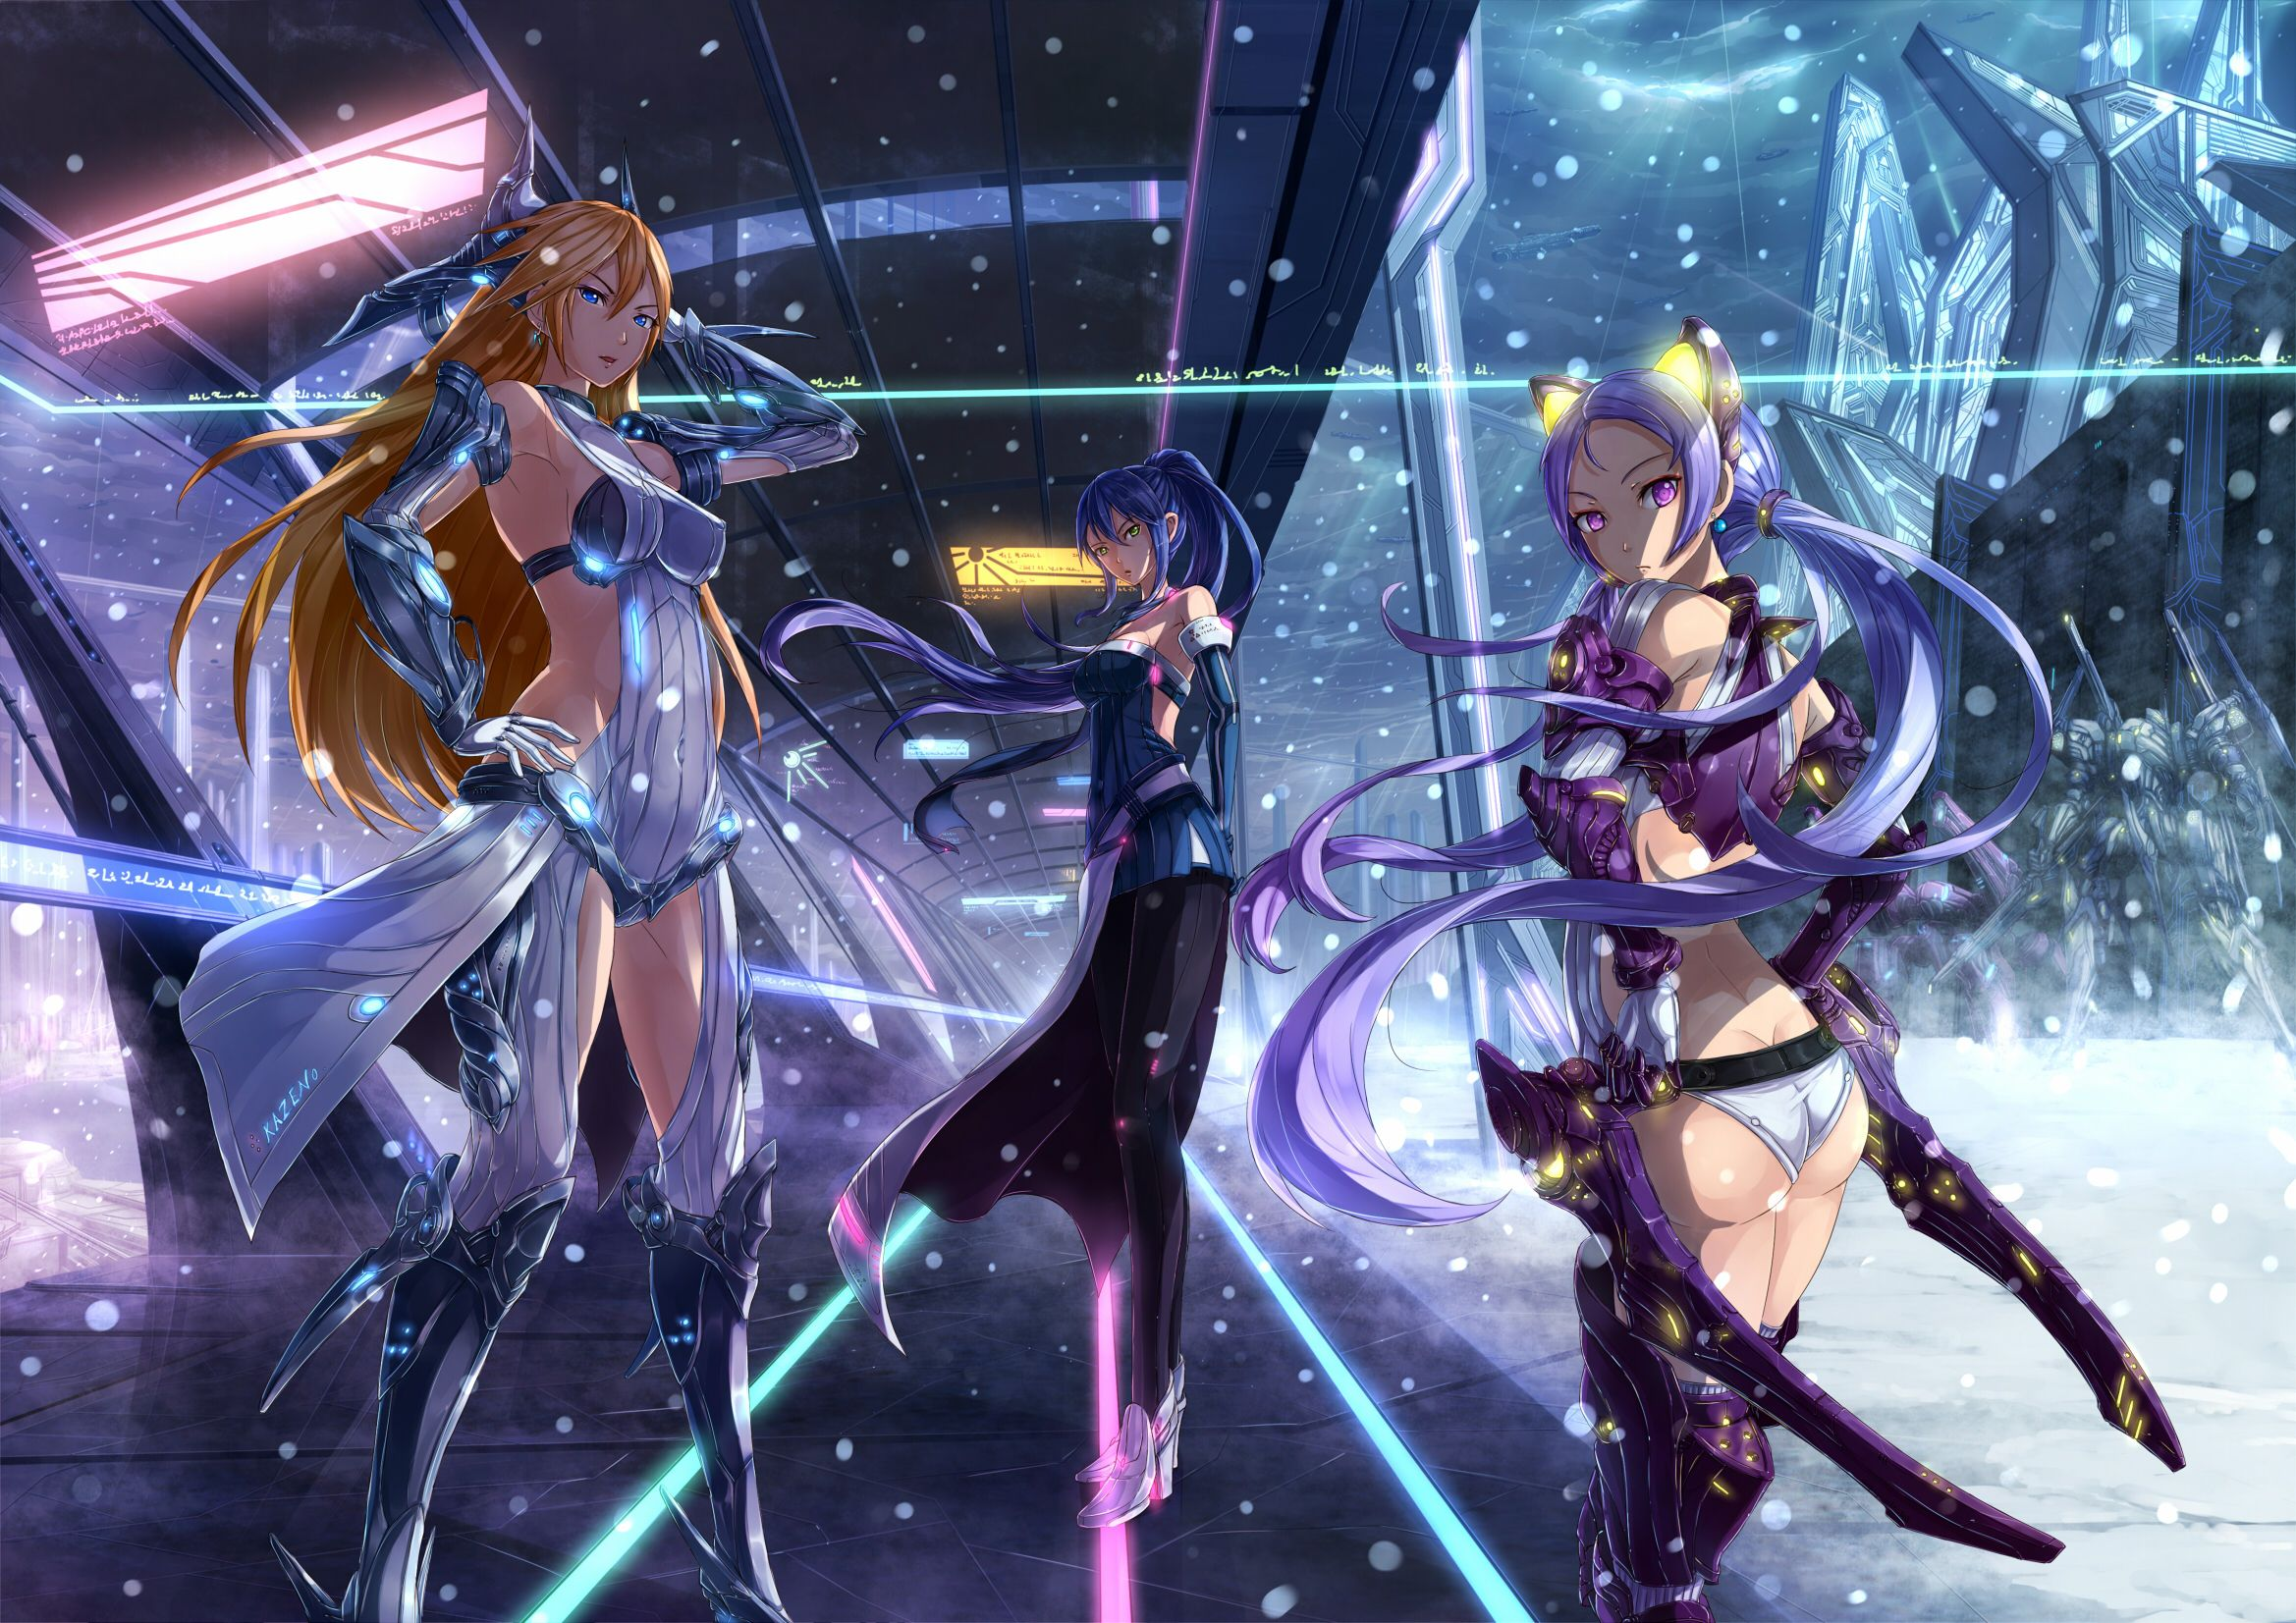 Wallpaper Of The Week Mecha Girl 4 Anime Anime Wallpaper Live